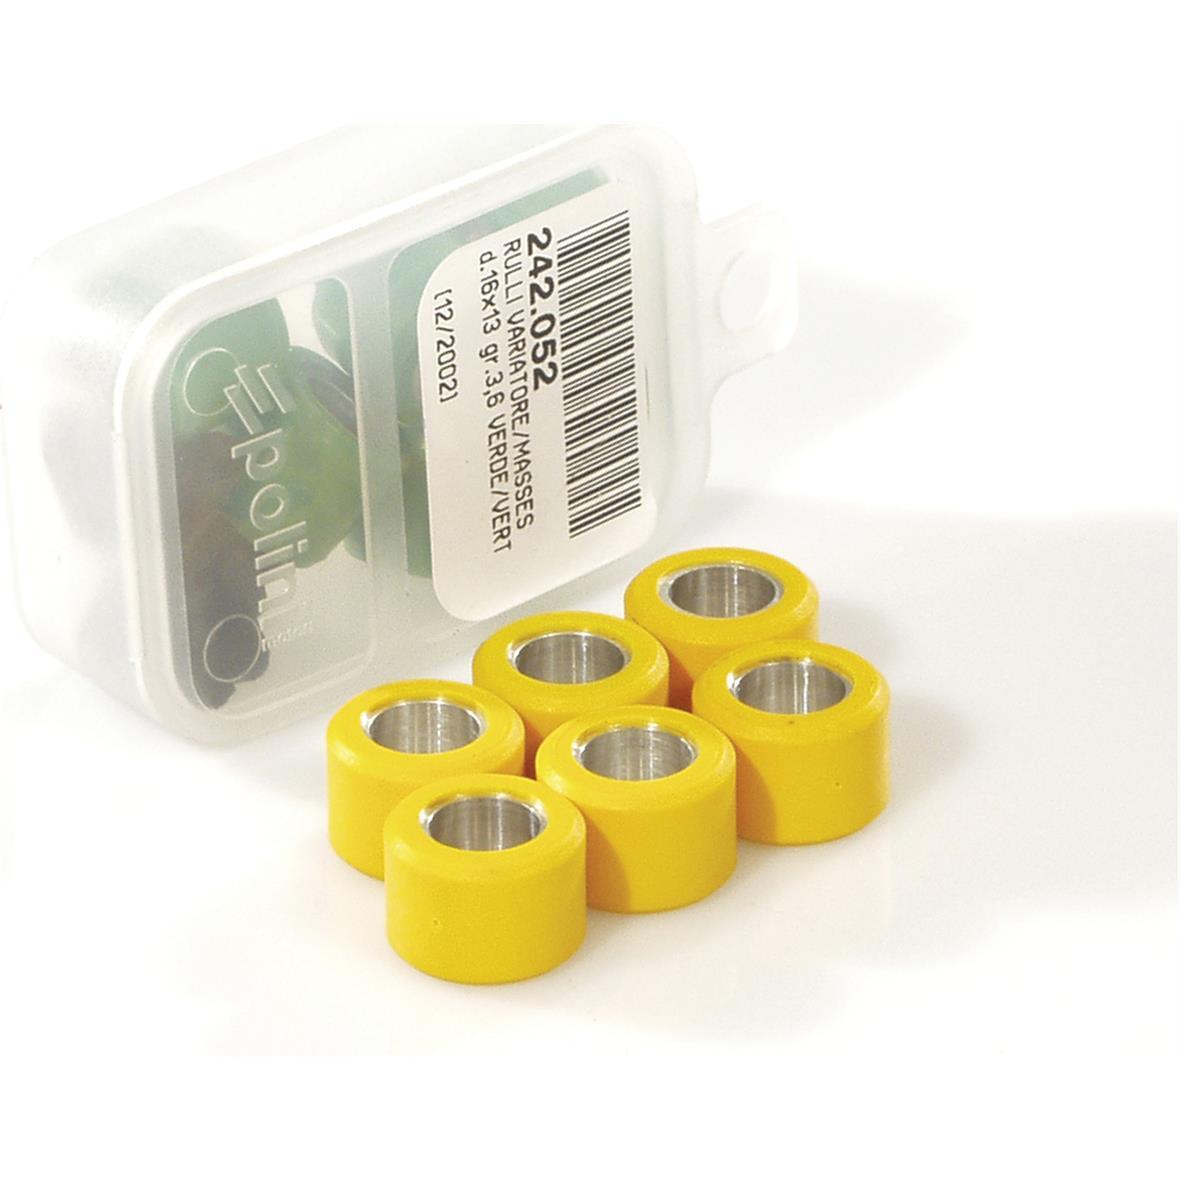 Produktbild für 'Variatorrollen POLINI 15x12 mm 2,1g'